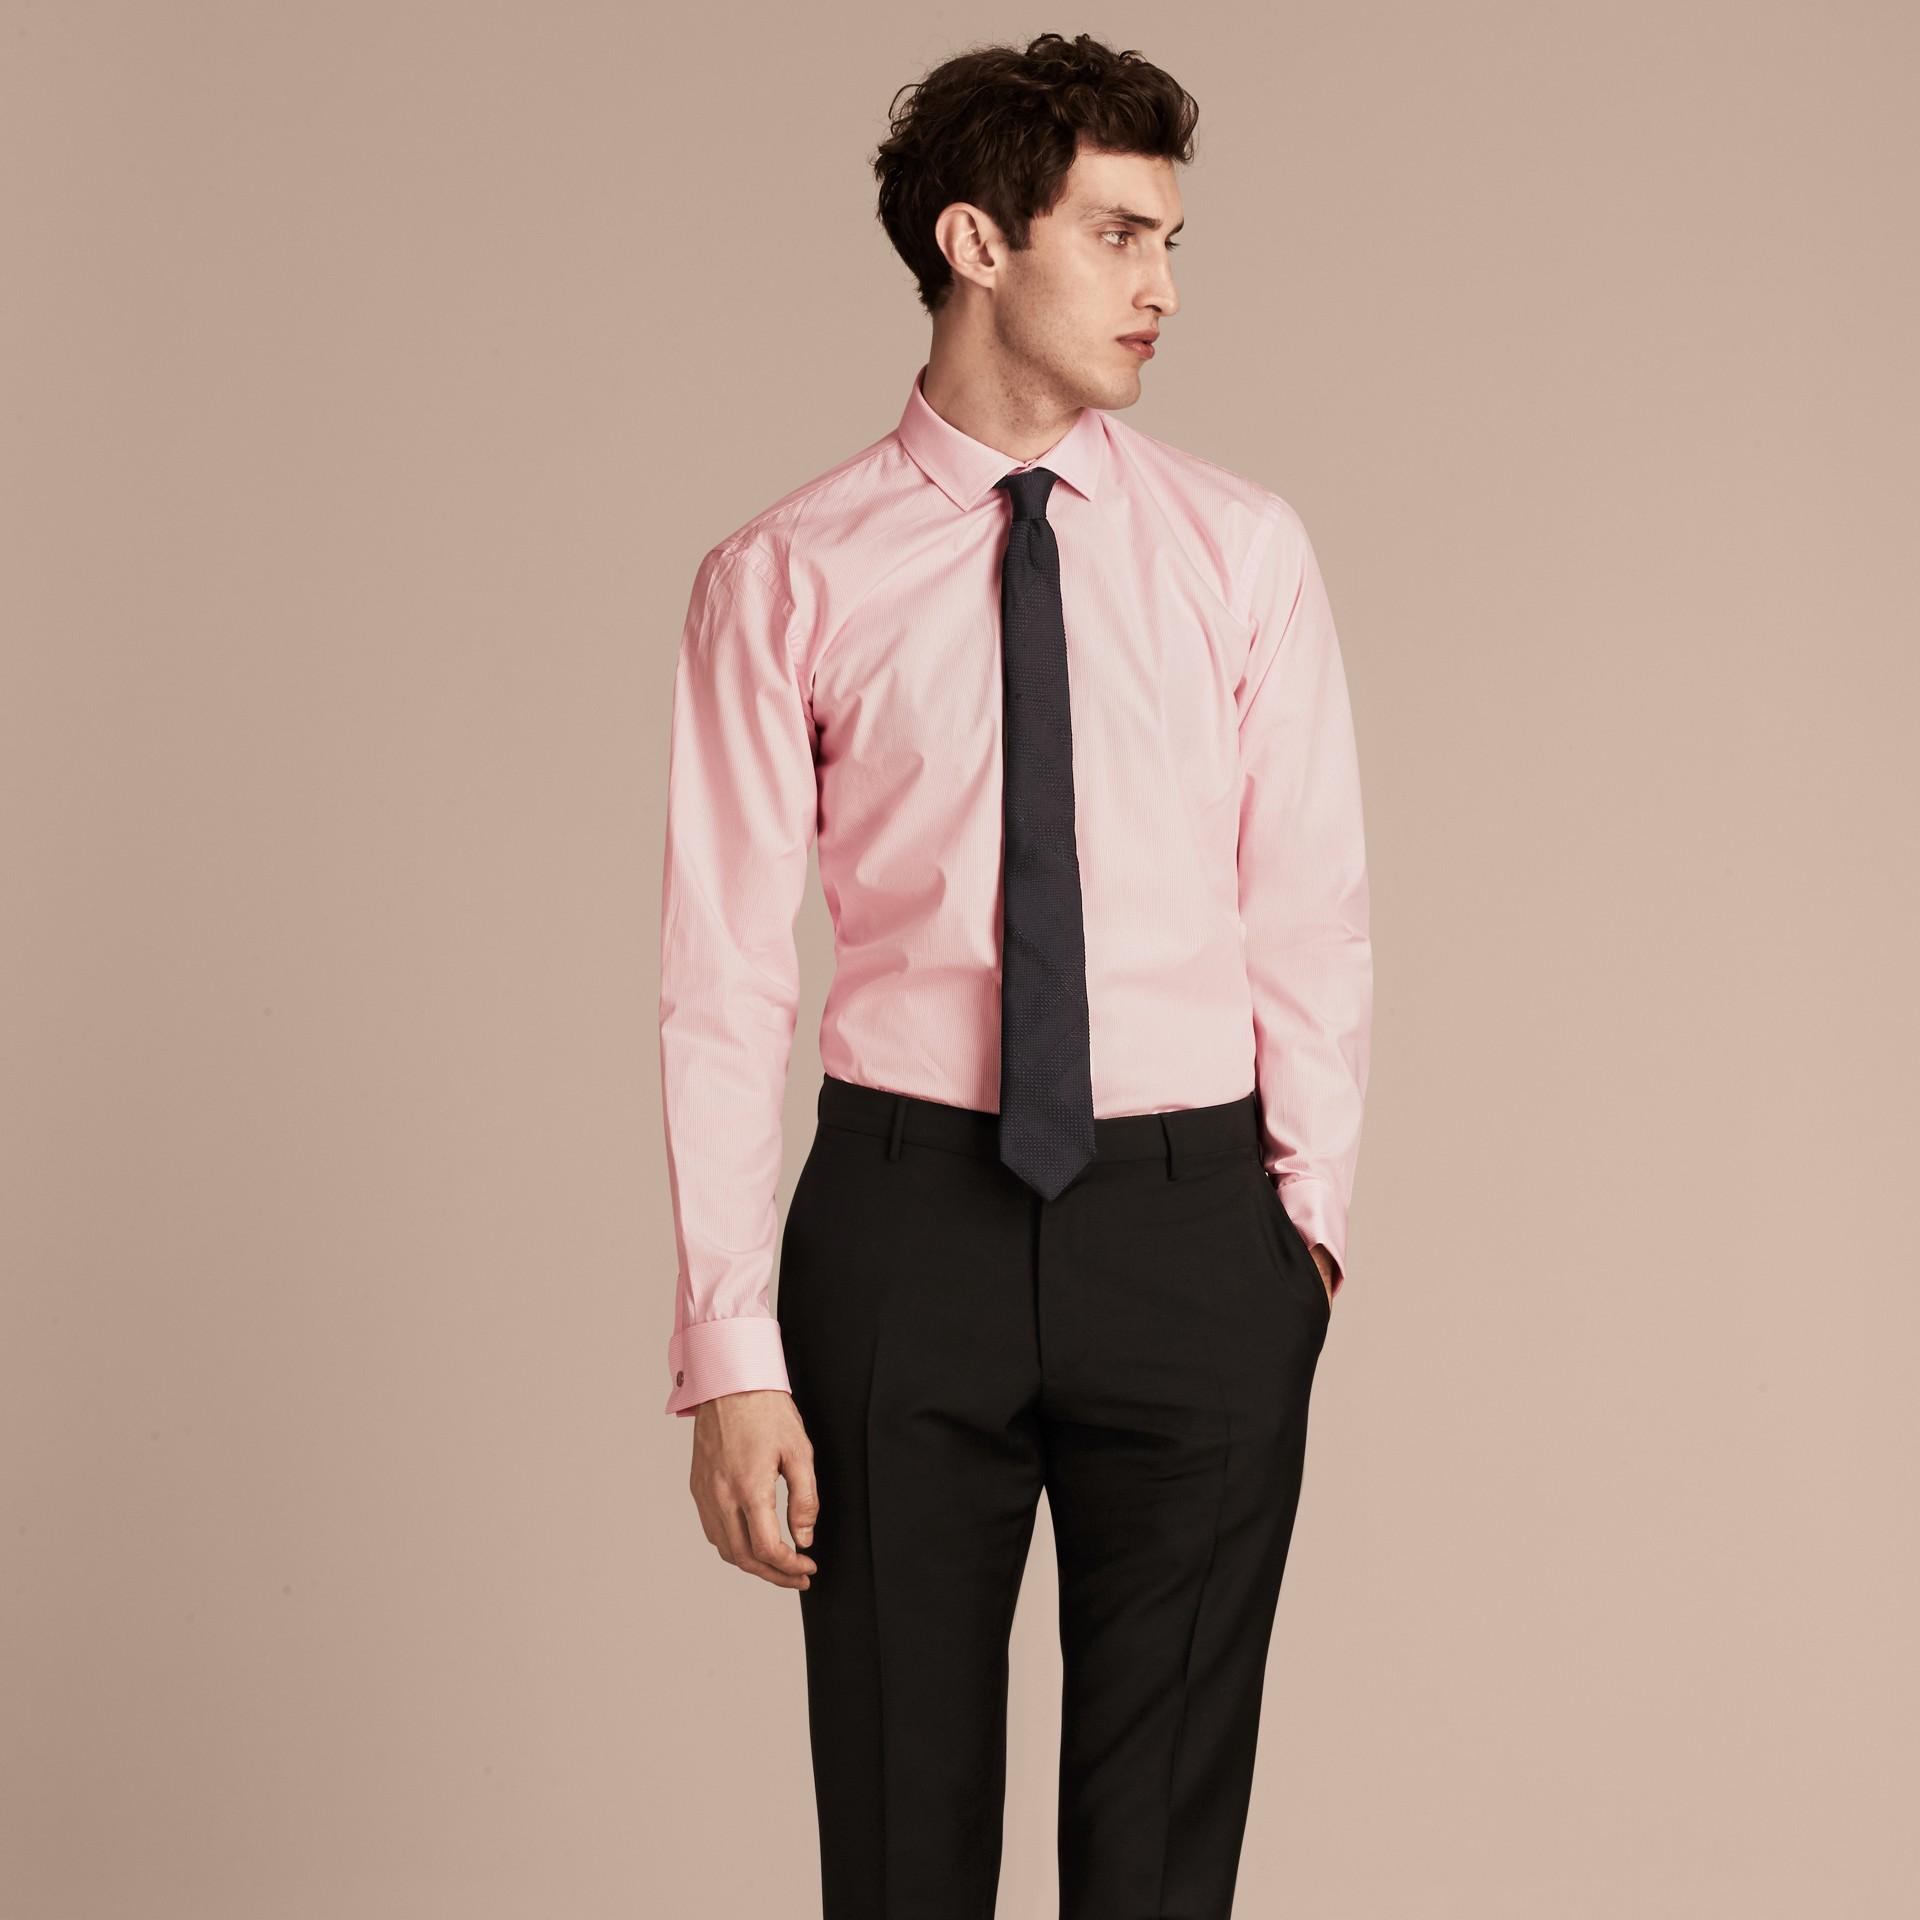 City pink Camisa de popeline de algodão com estampa listrada e corte moderno - galeria de imagens 6